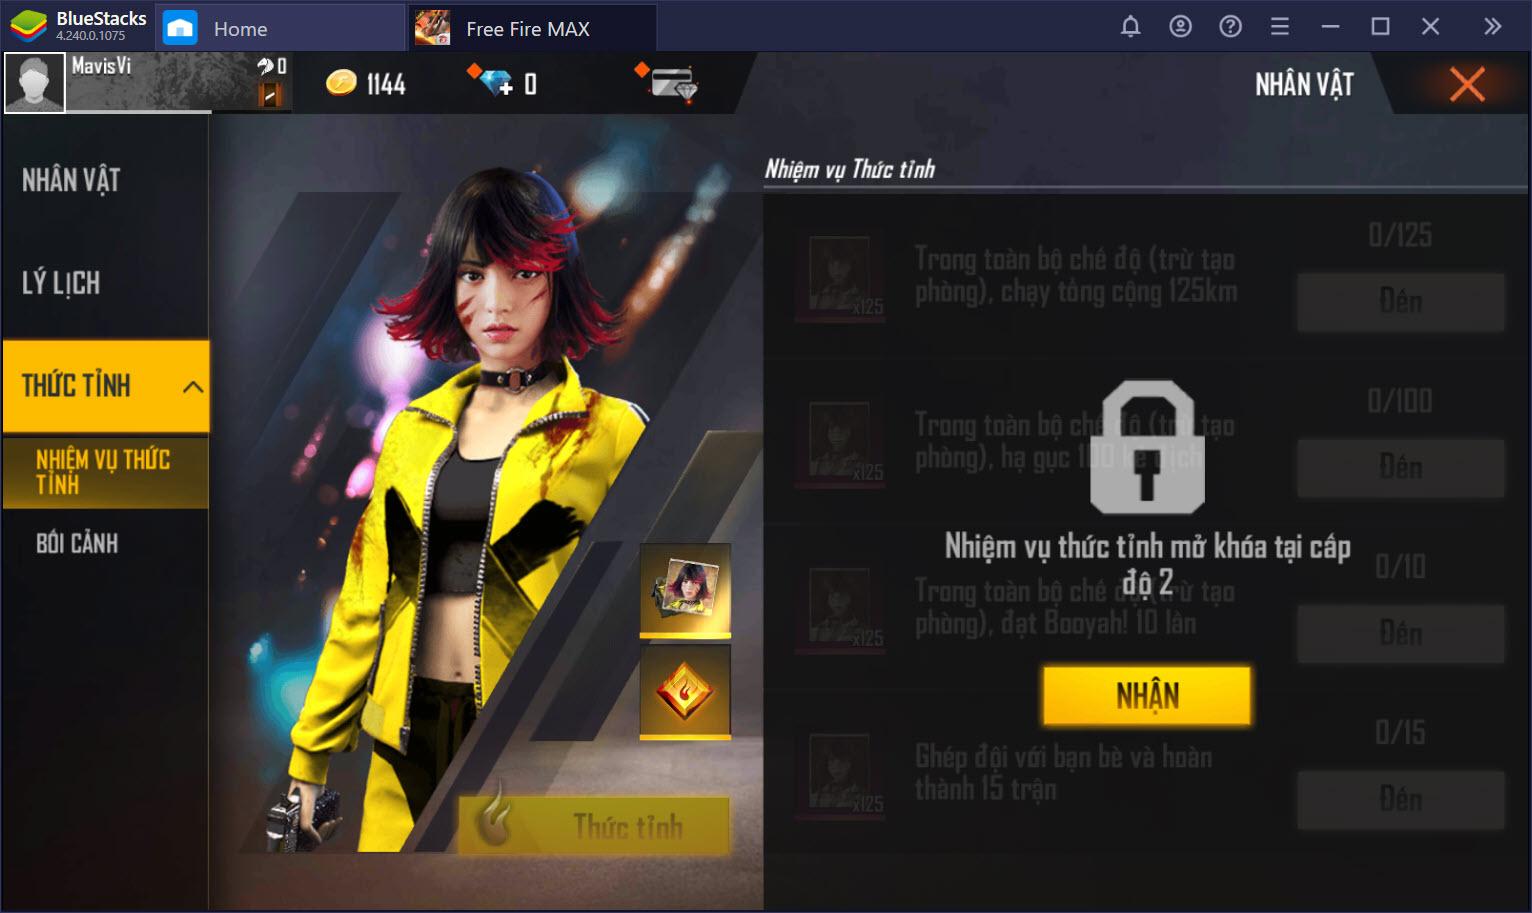 Garena Free Fire Max: Tìm hiểu hệ thống nhân vật